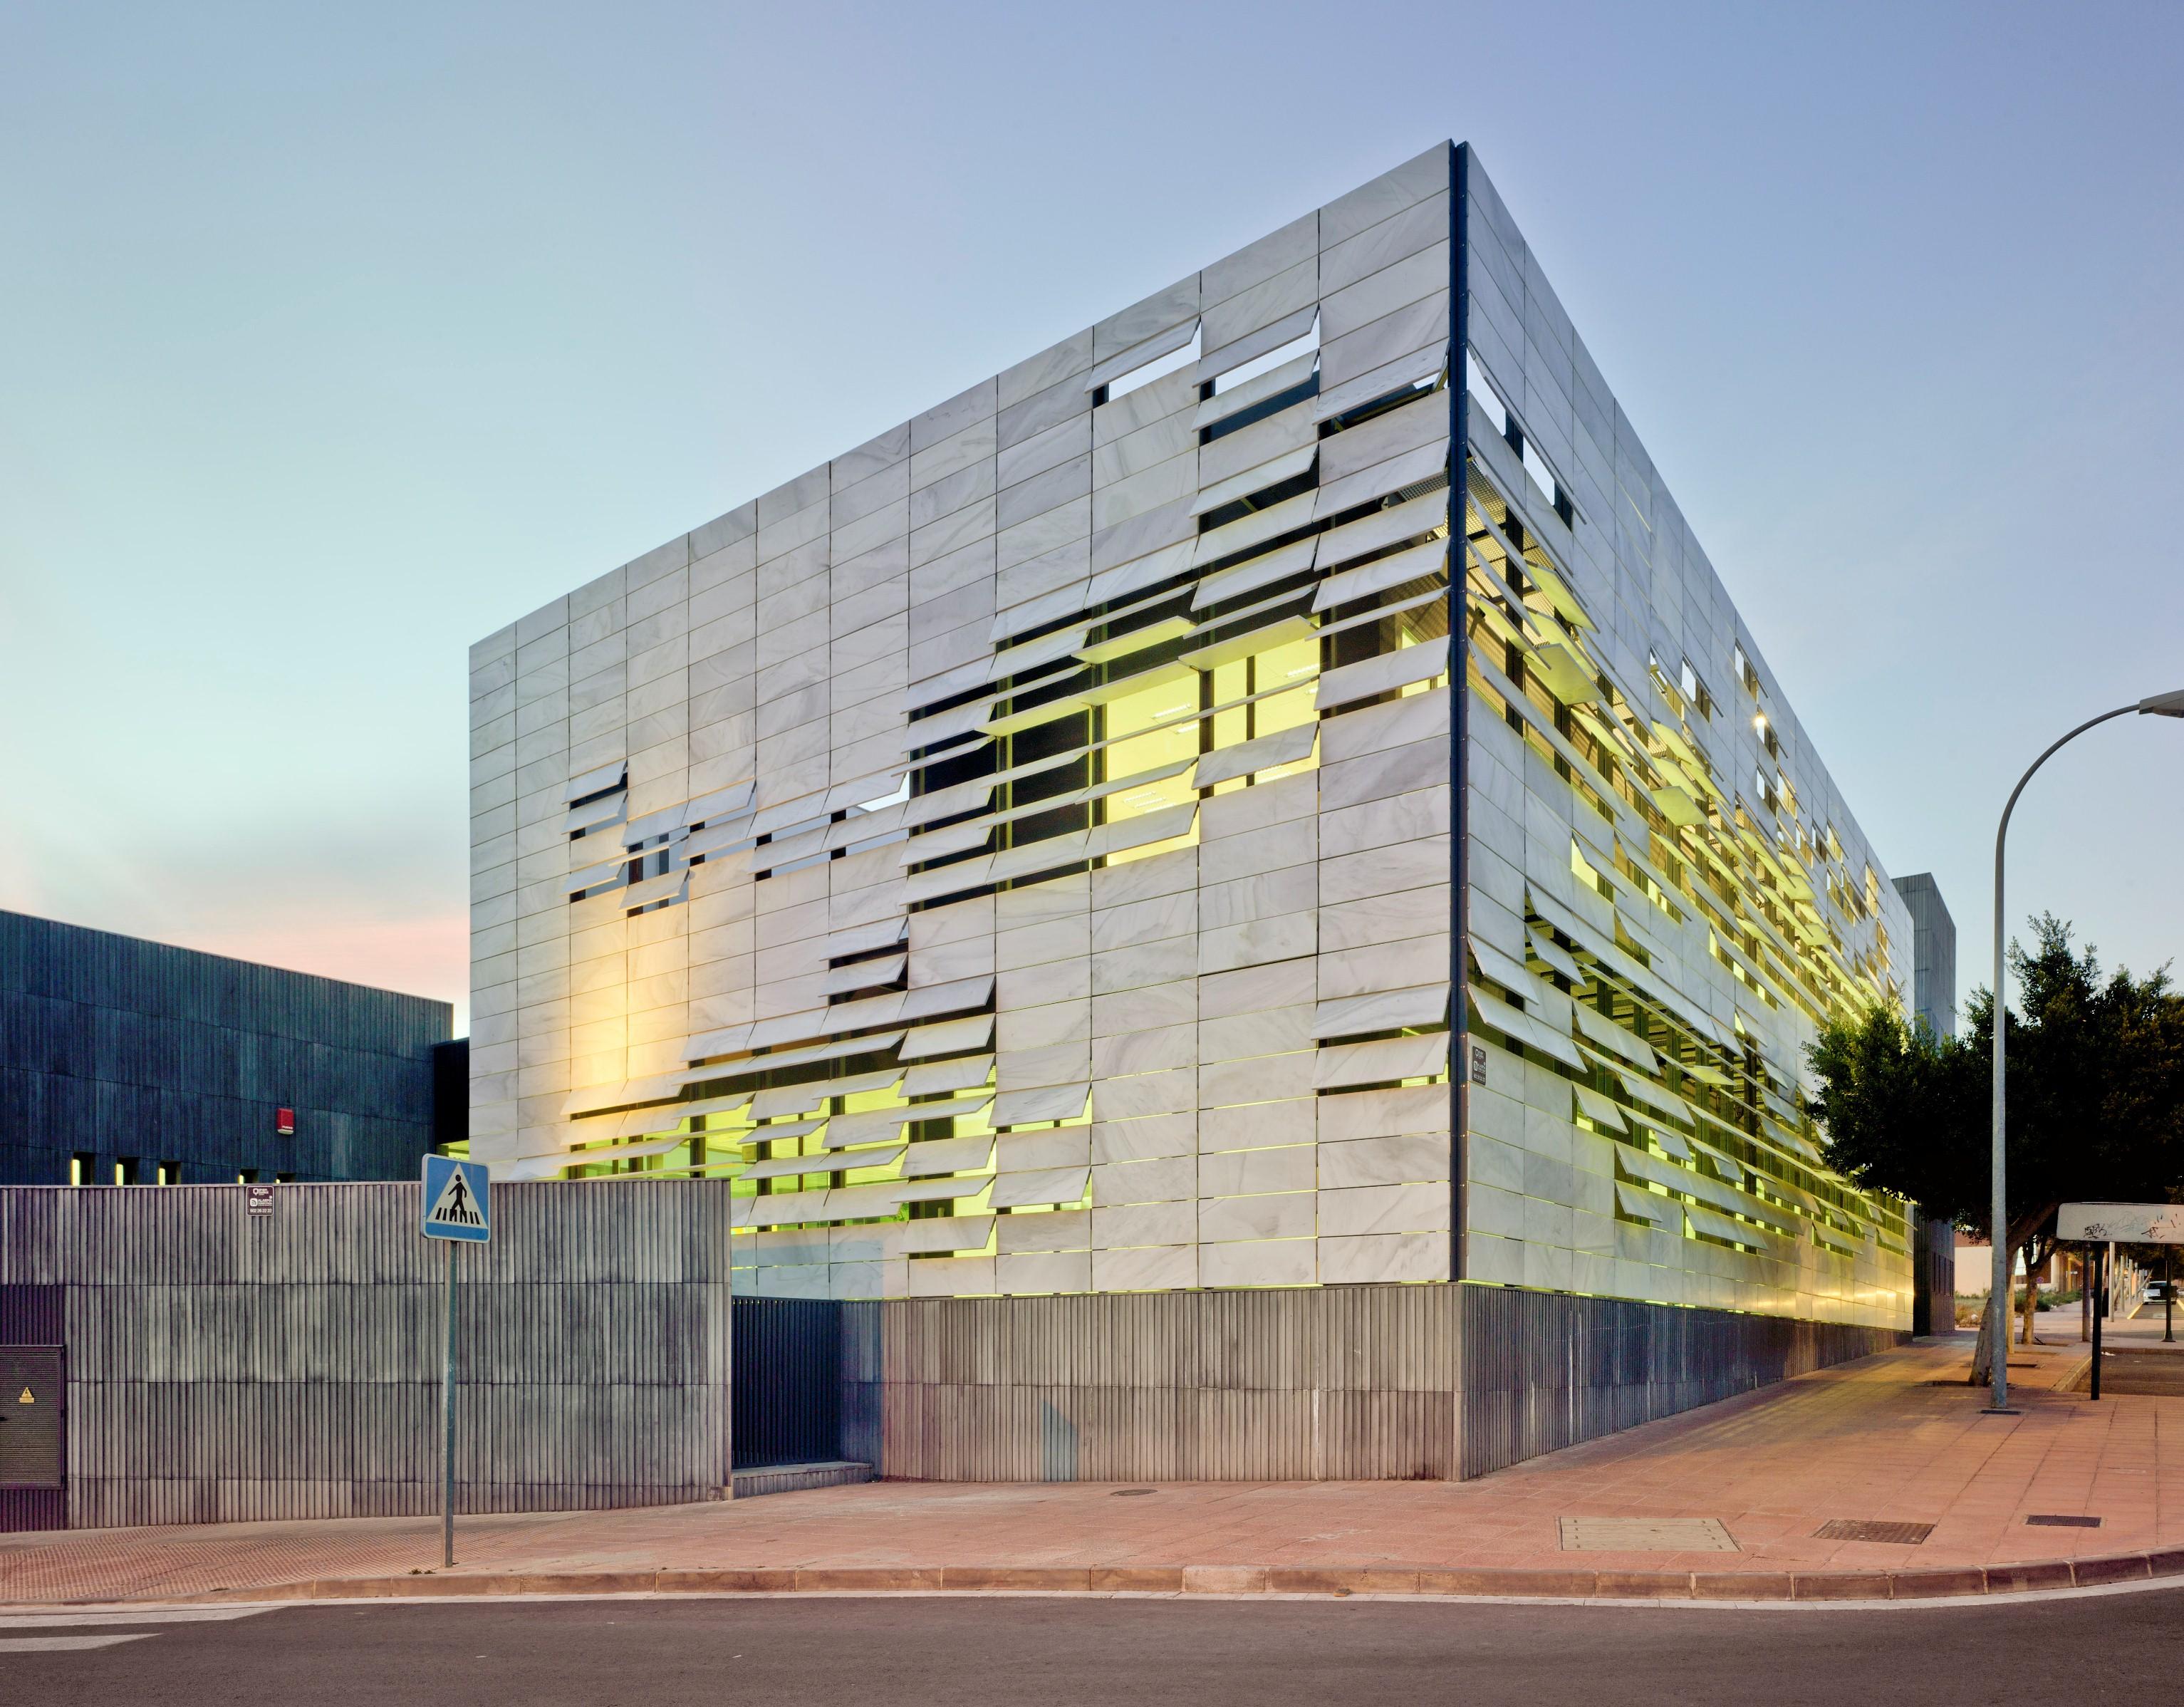 Centro de sa de almeria espanha - Steel framing espana ...